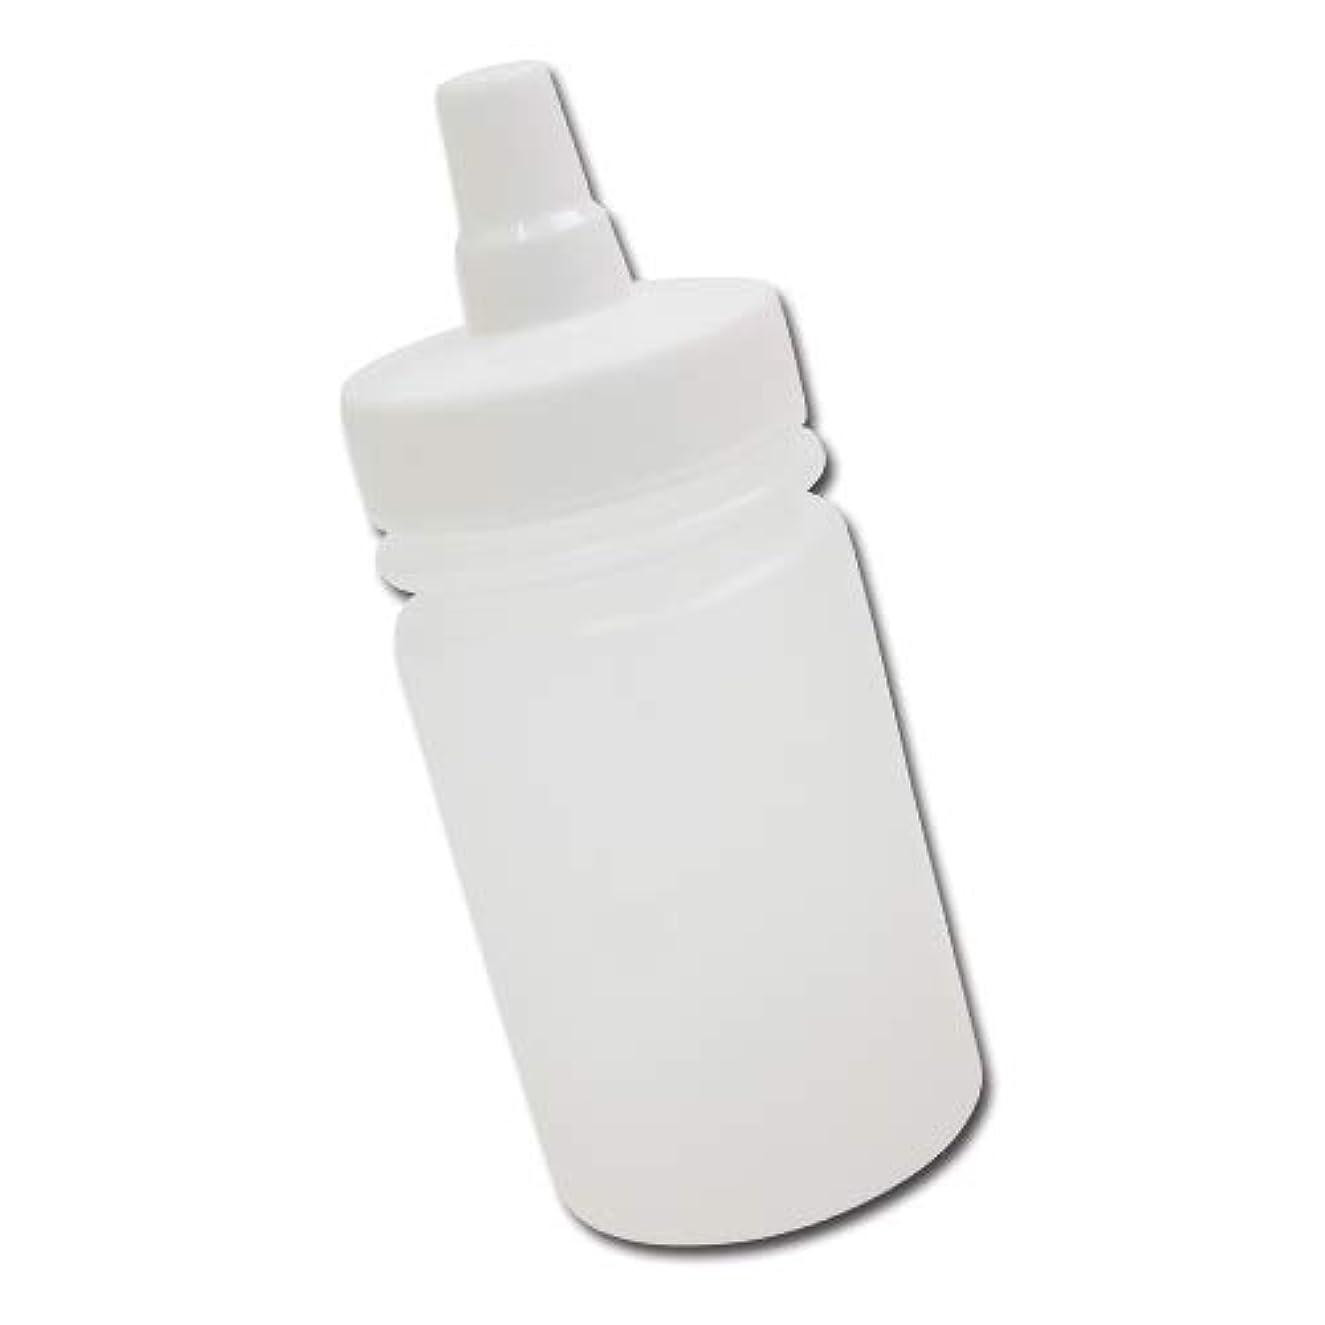 ビルダースイス人値下げはちみつ容器100ml(ホワイトキャップ)│ストレート型 業務用ローションや調味料の小分けに詰め替え用ハチミツ容器(蜂蜜容器)はちみつボトル